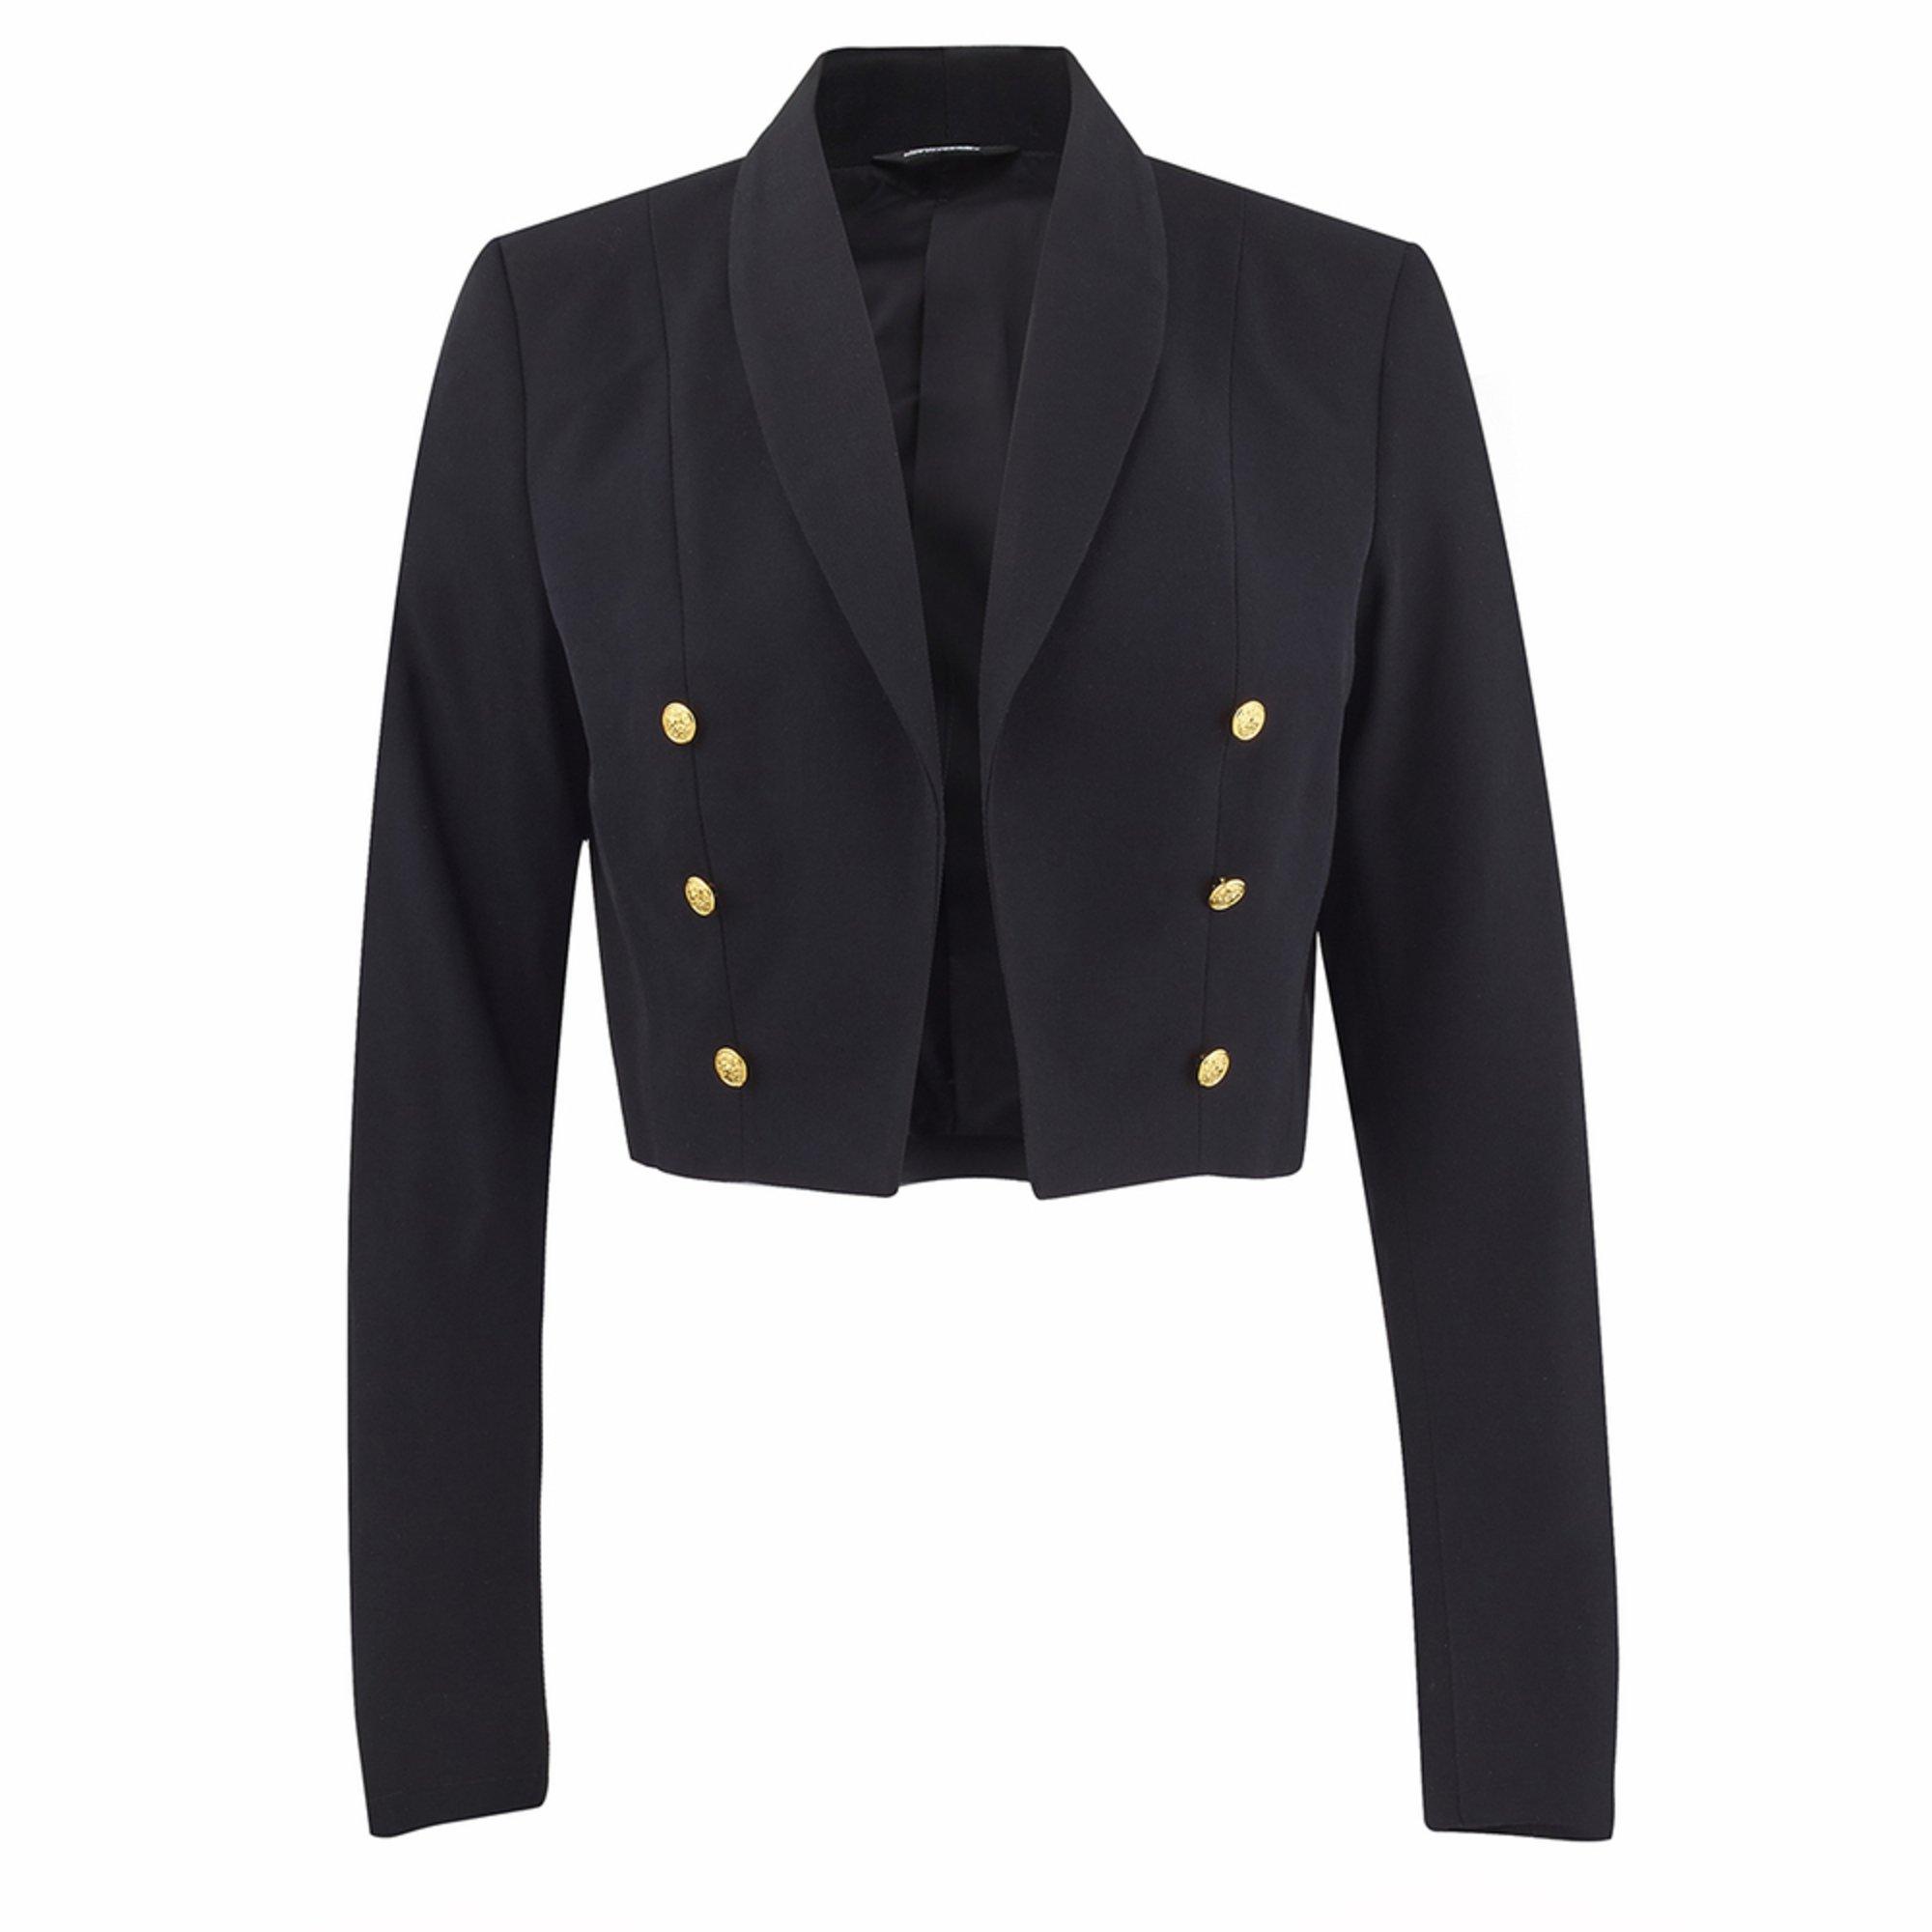 91a69cba4a1 Women's Formal Dress Blue Jacket | Dinner Dress Blue | Military ...